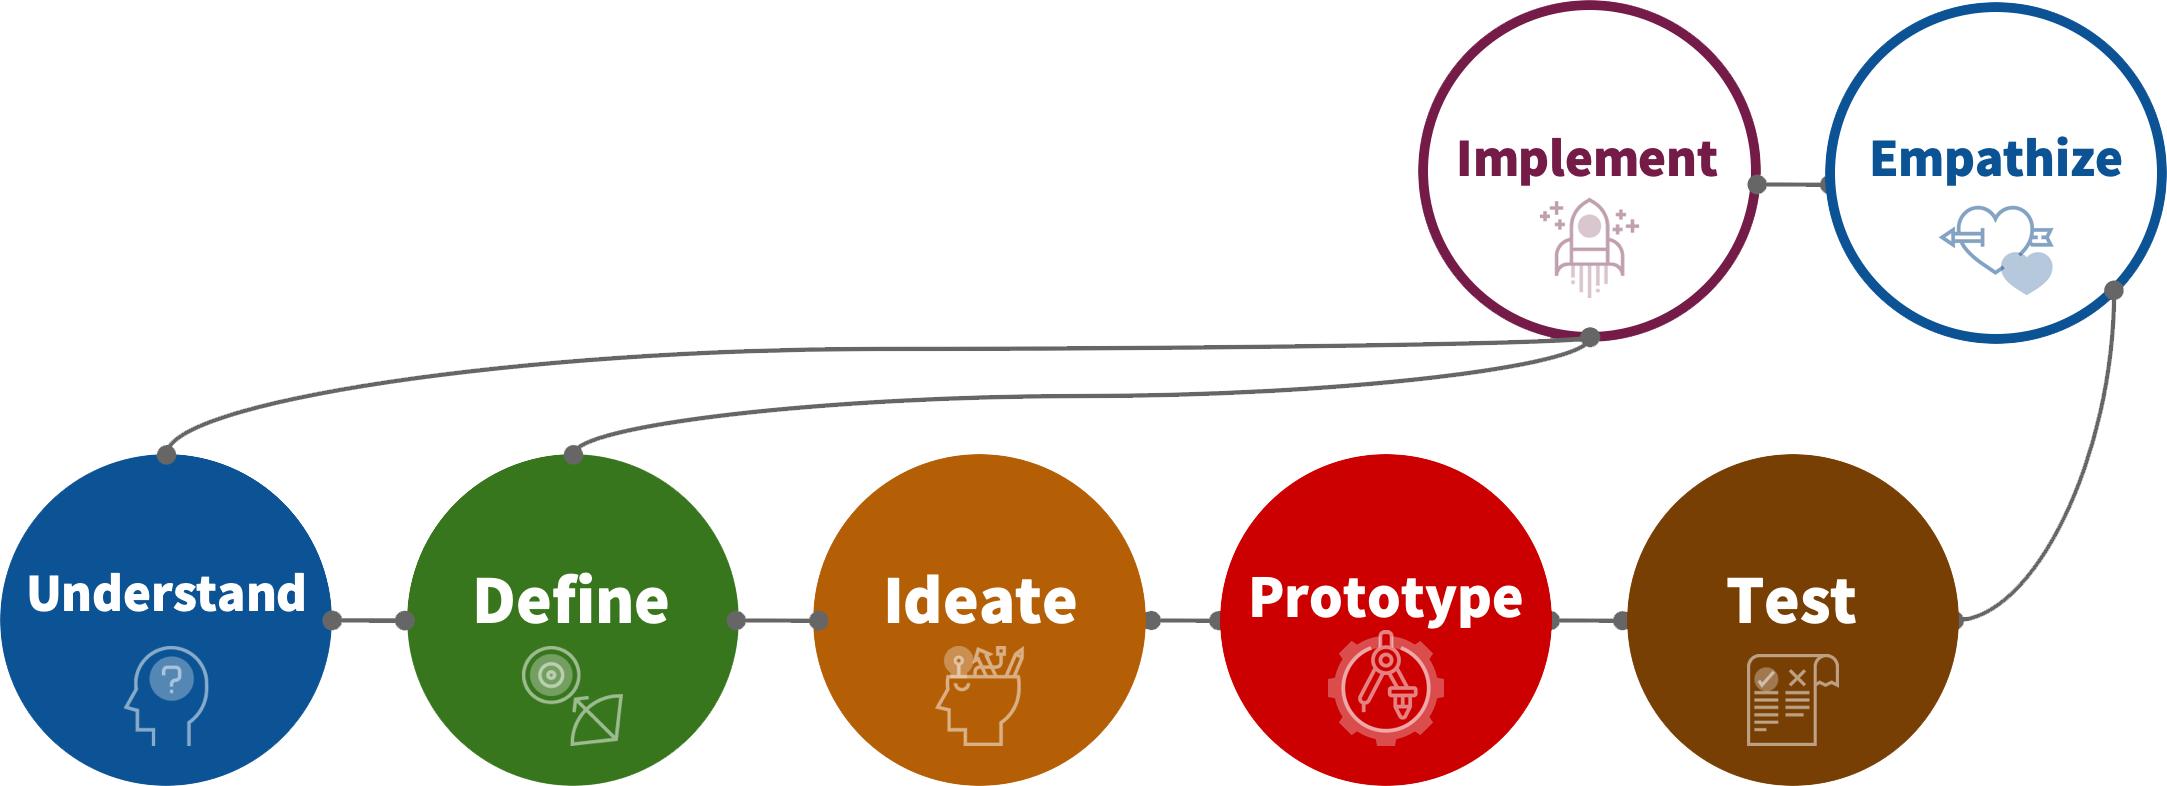 アイキャッチ画像:「共感」ではなく「理解」からはじめるデザインセッション